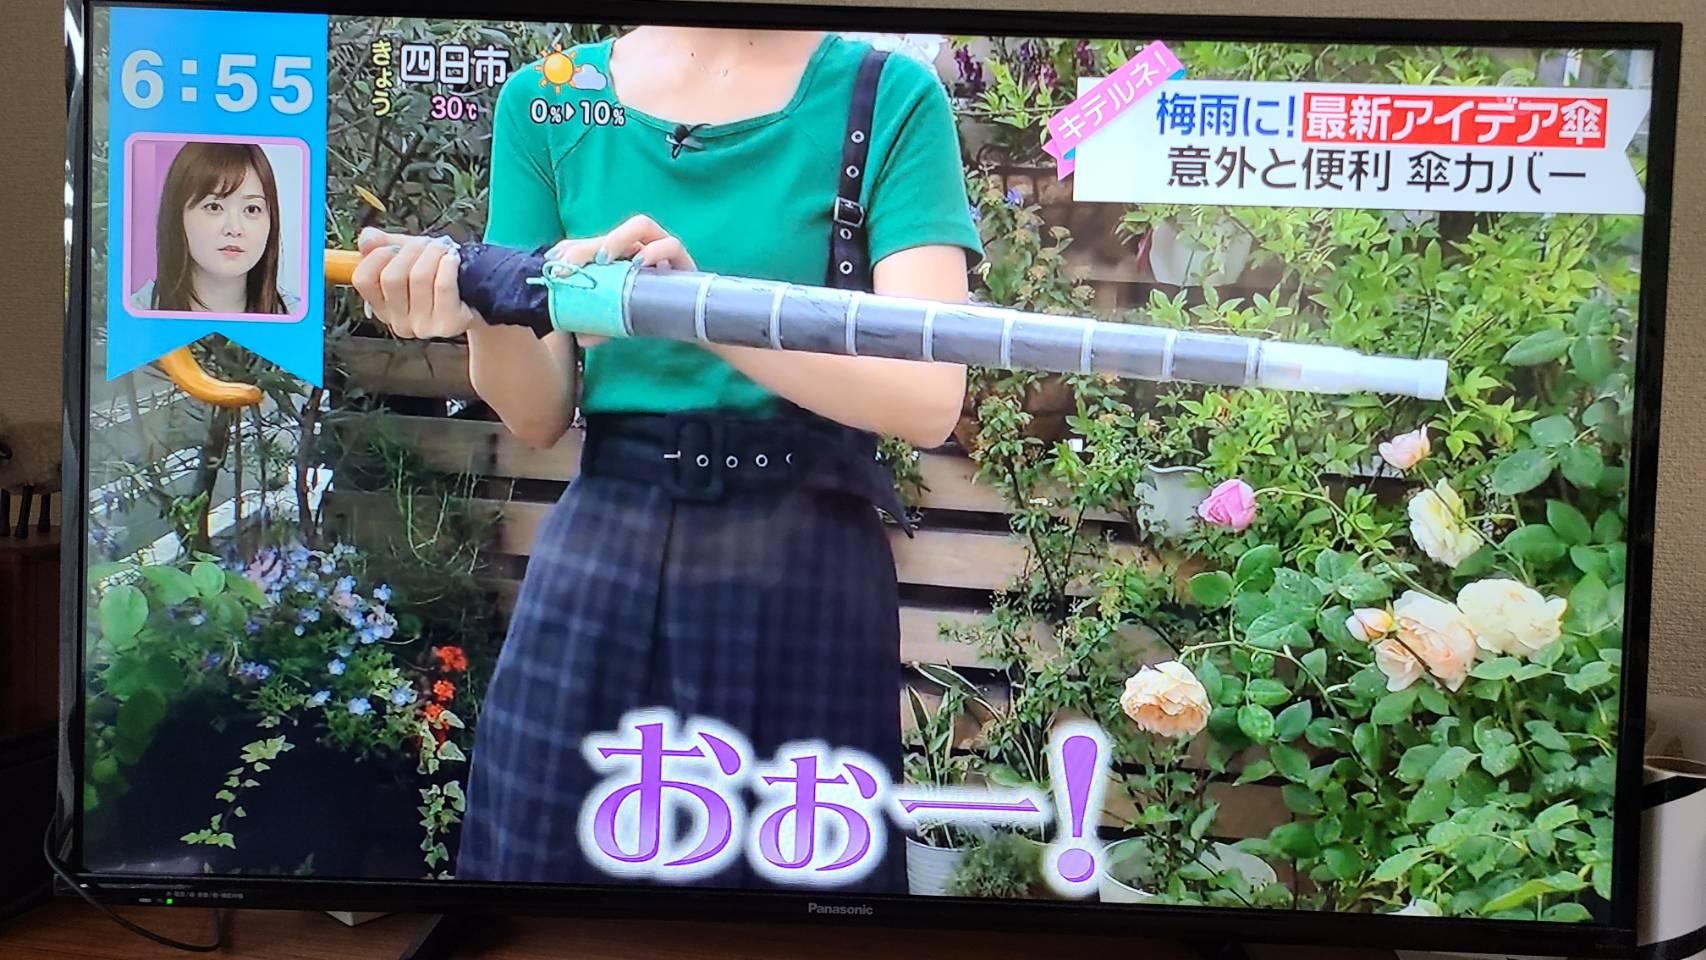 日本テレビ「ZIP!」にて傘カバーtakenocoが紹介されました。